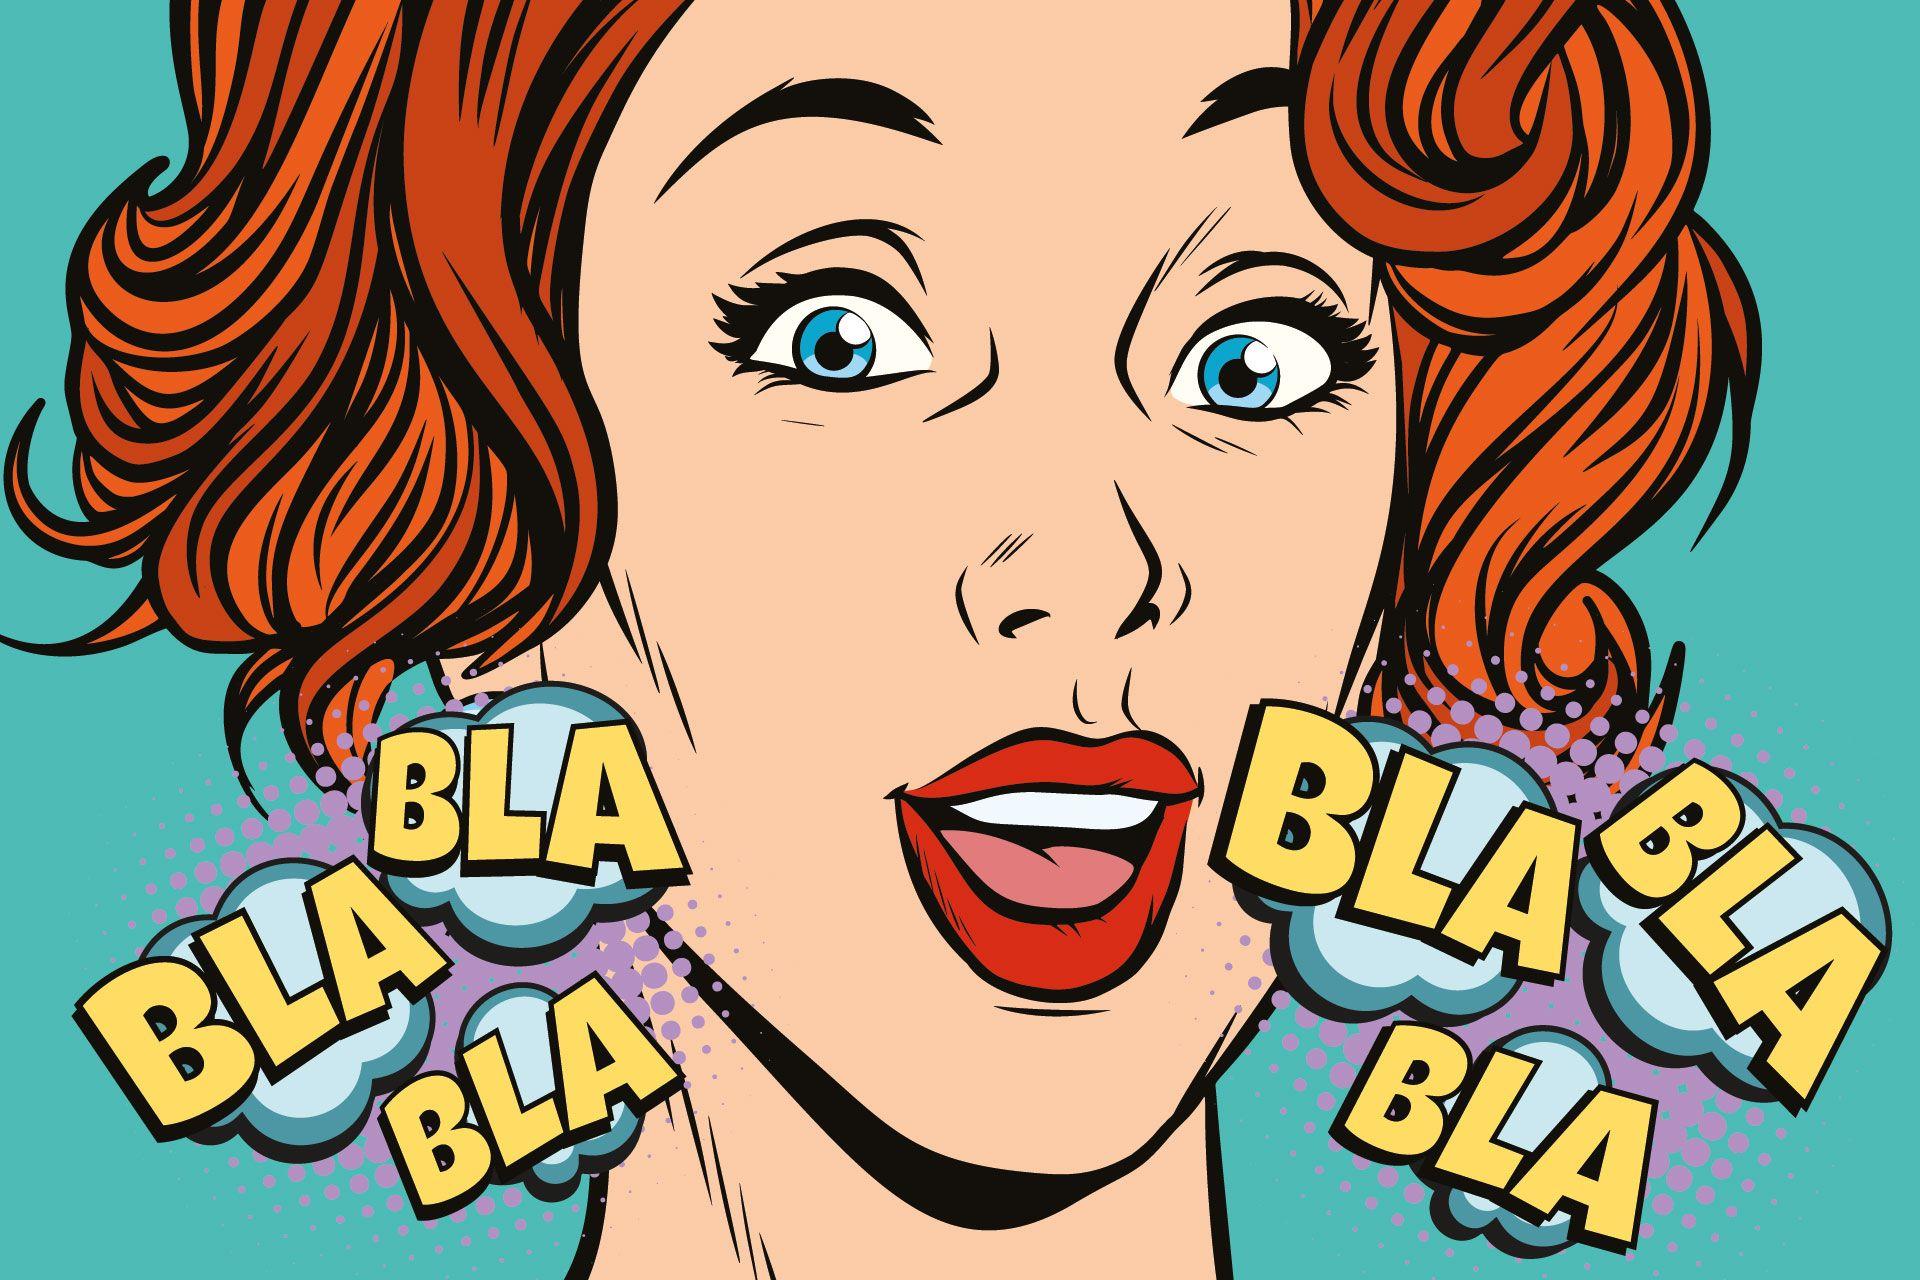 Füllwörter: Worthülsen oder bewusstes Stilmittel?